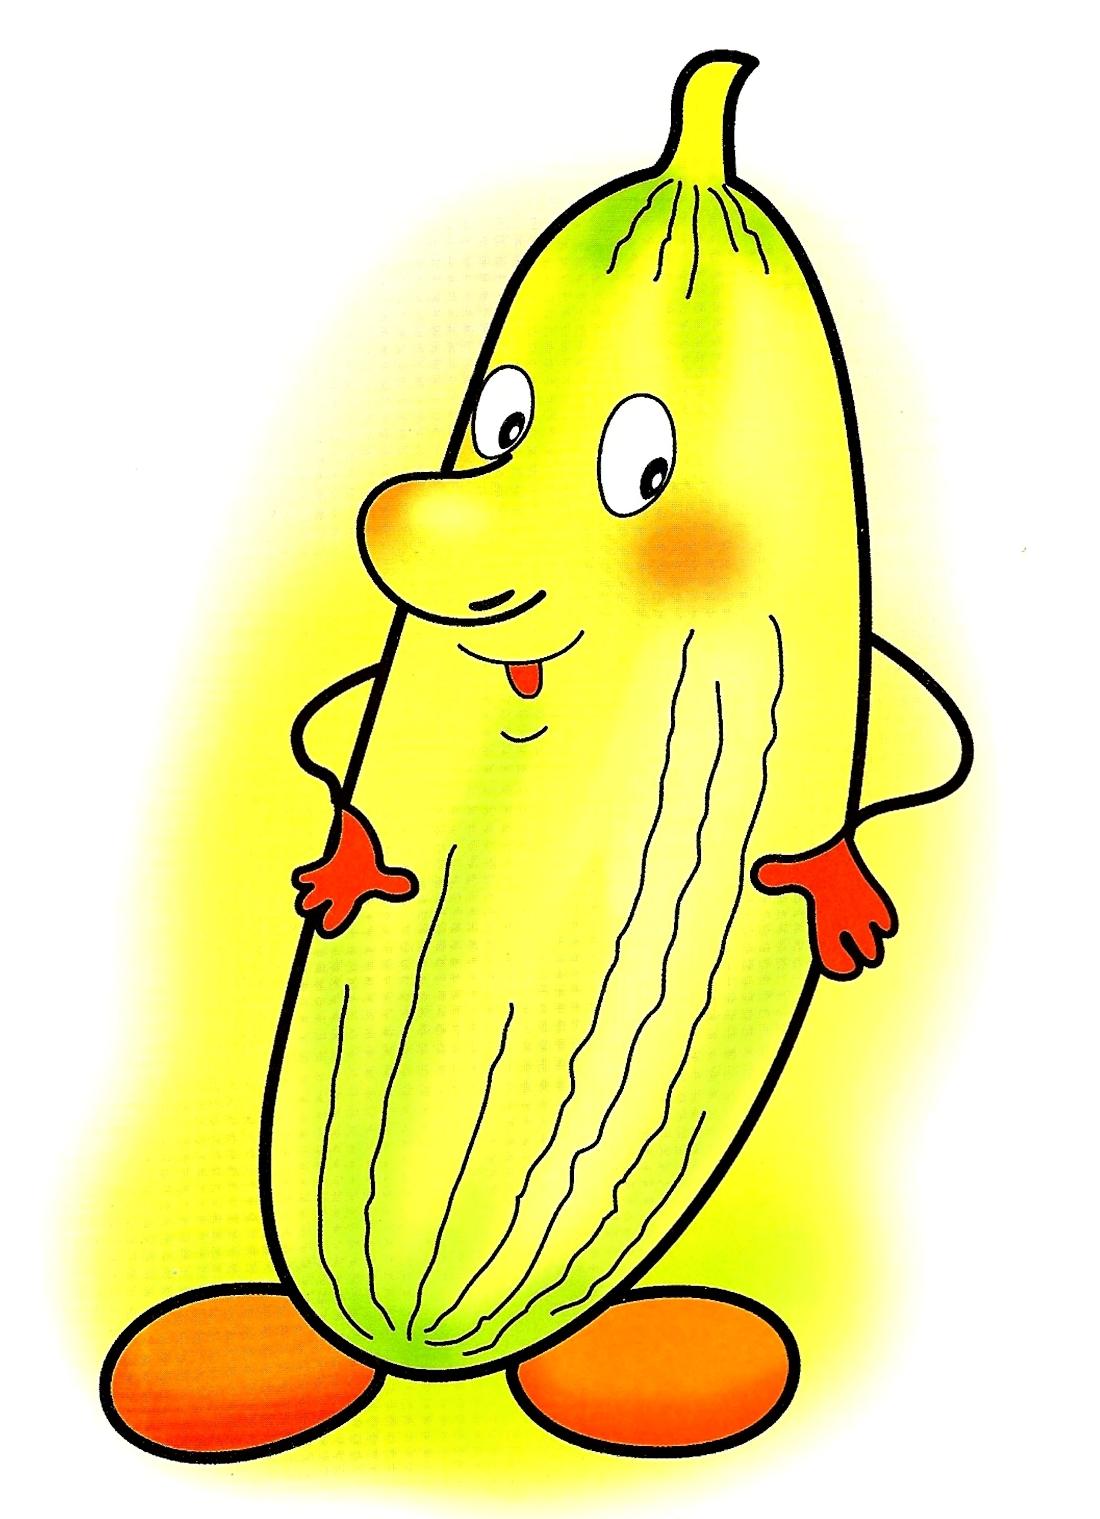 веселые овощи картинки по отдельности